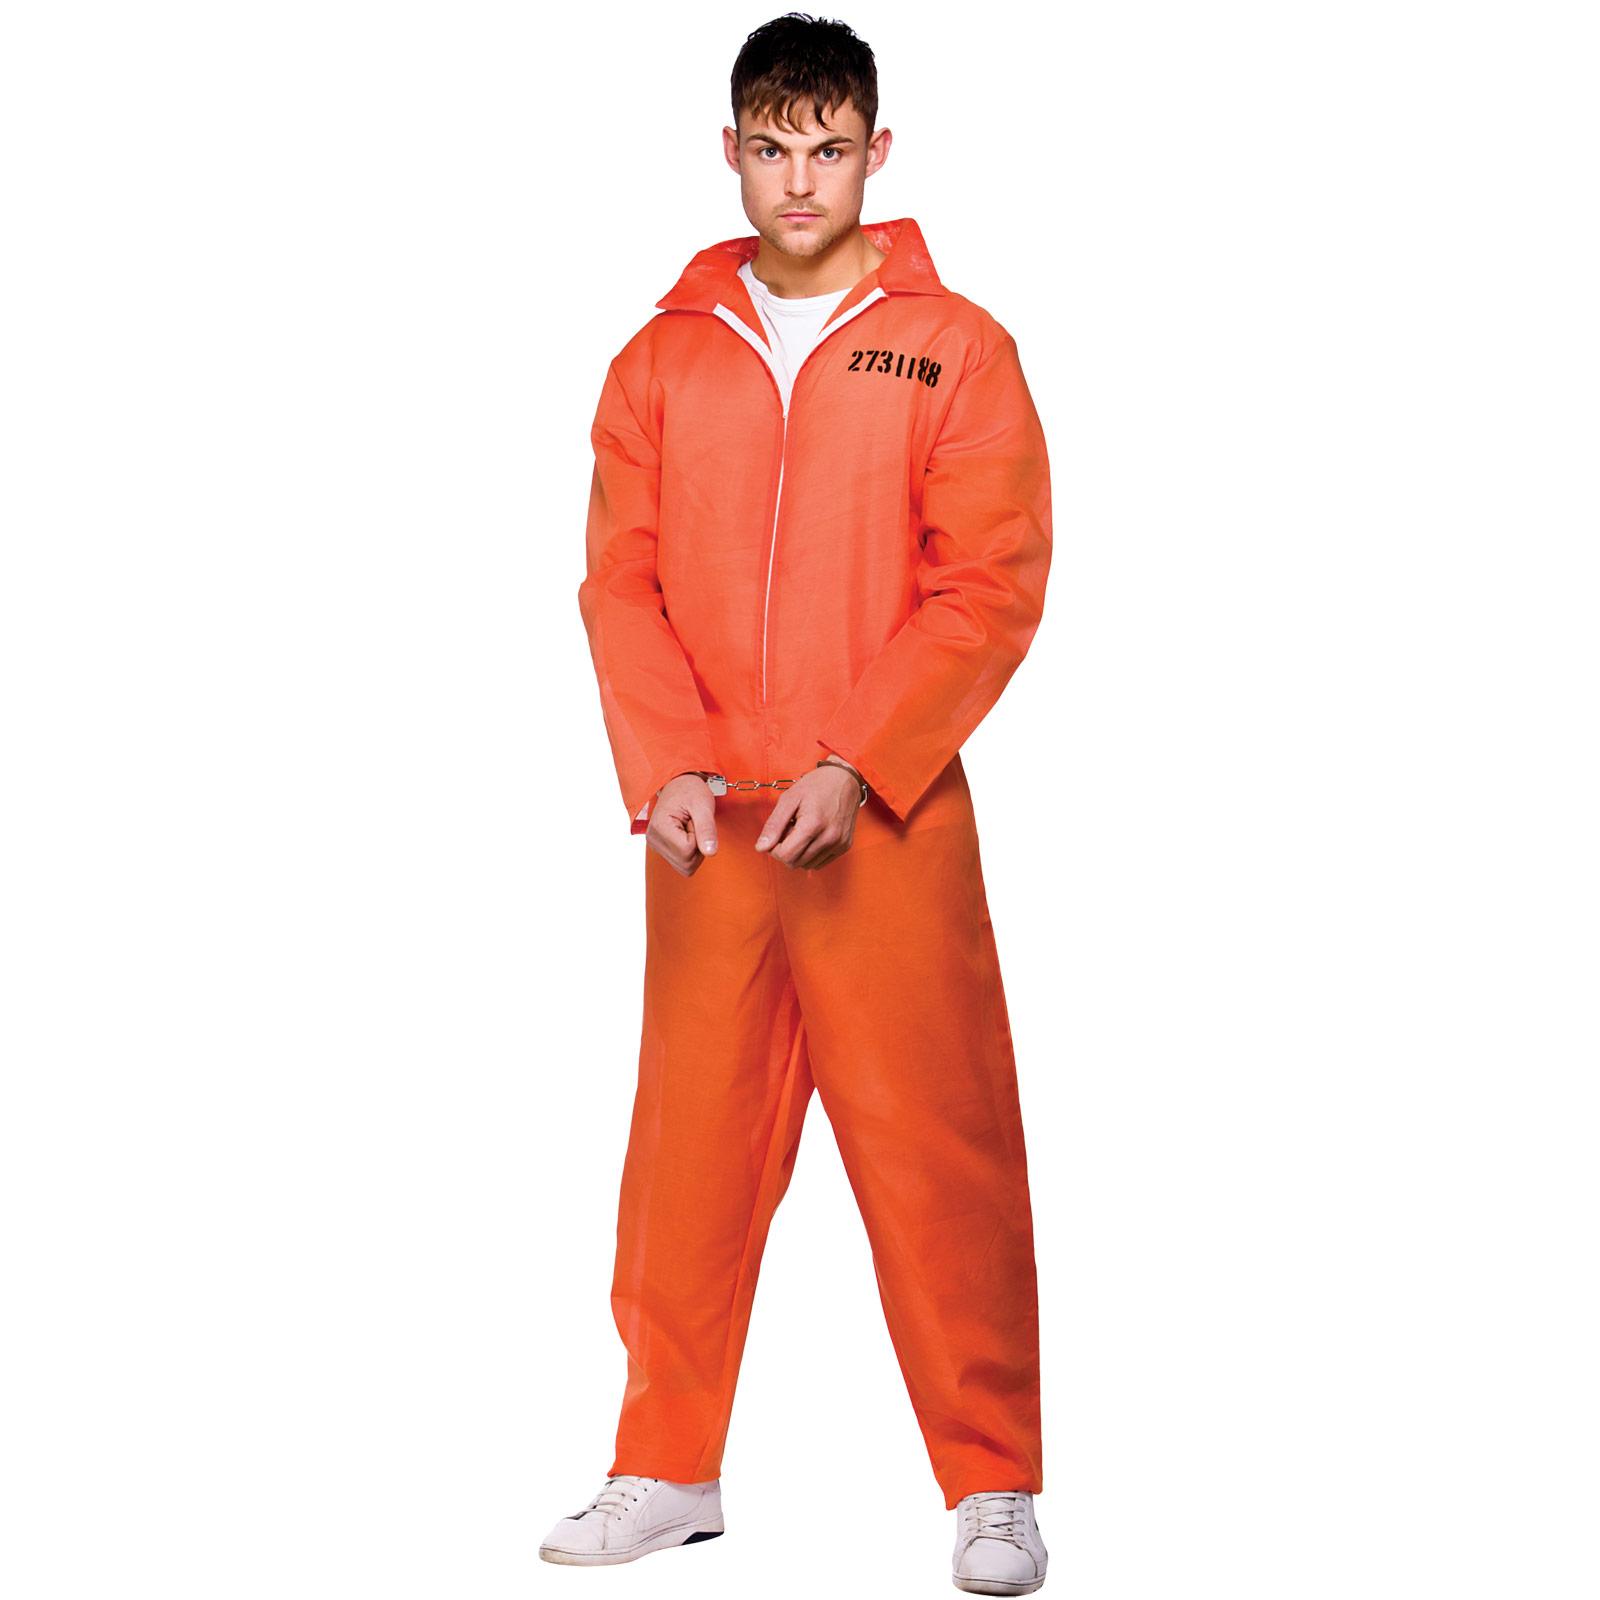 Mens Usa Convict Prisoner Robber Orange Jumpsuit Fancy